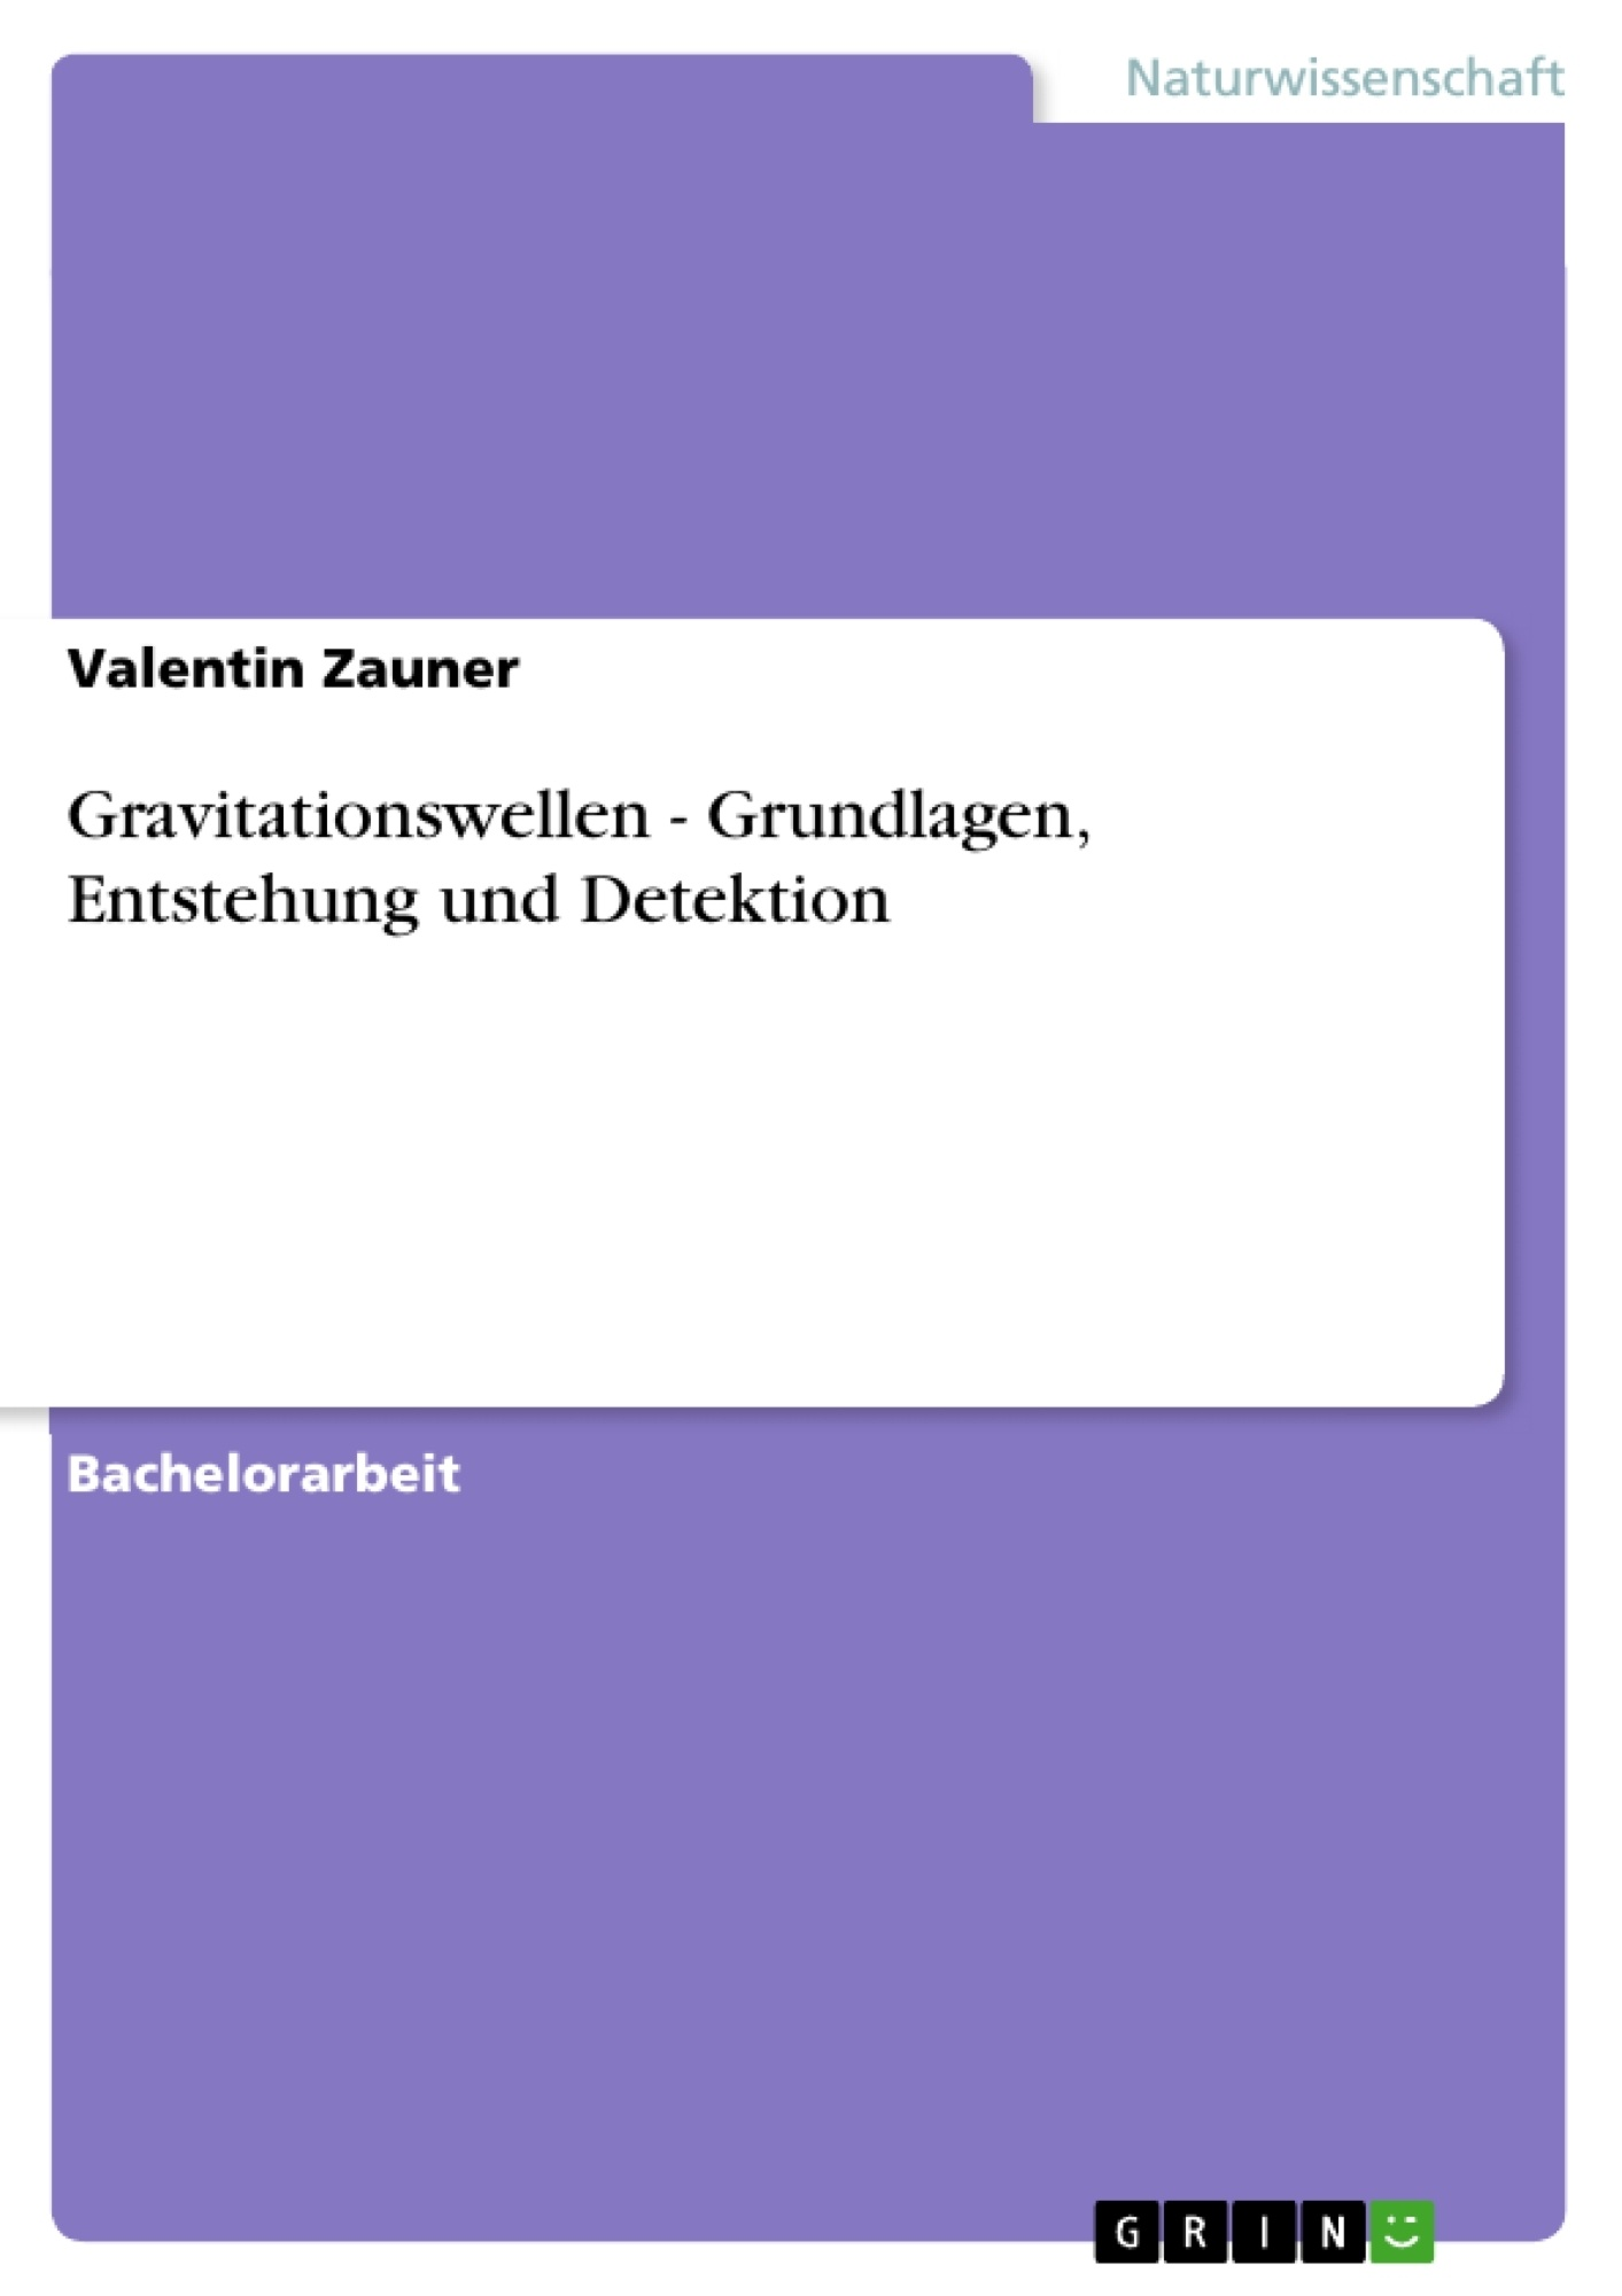 Titel: Gravitationswellen - Grundlagen, Entstehung und Detektion